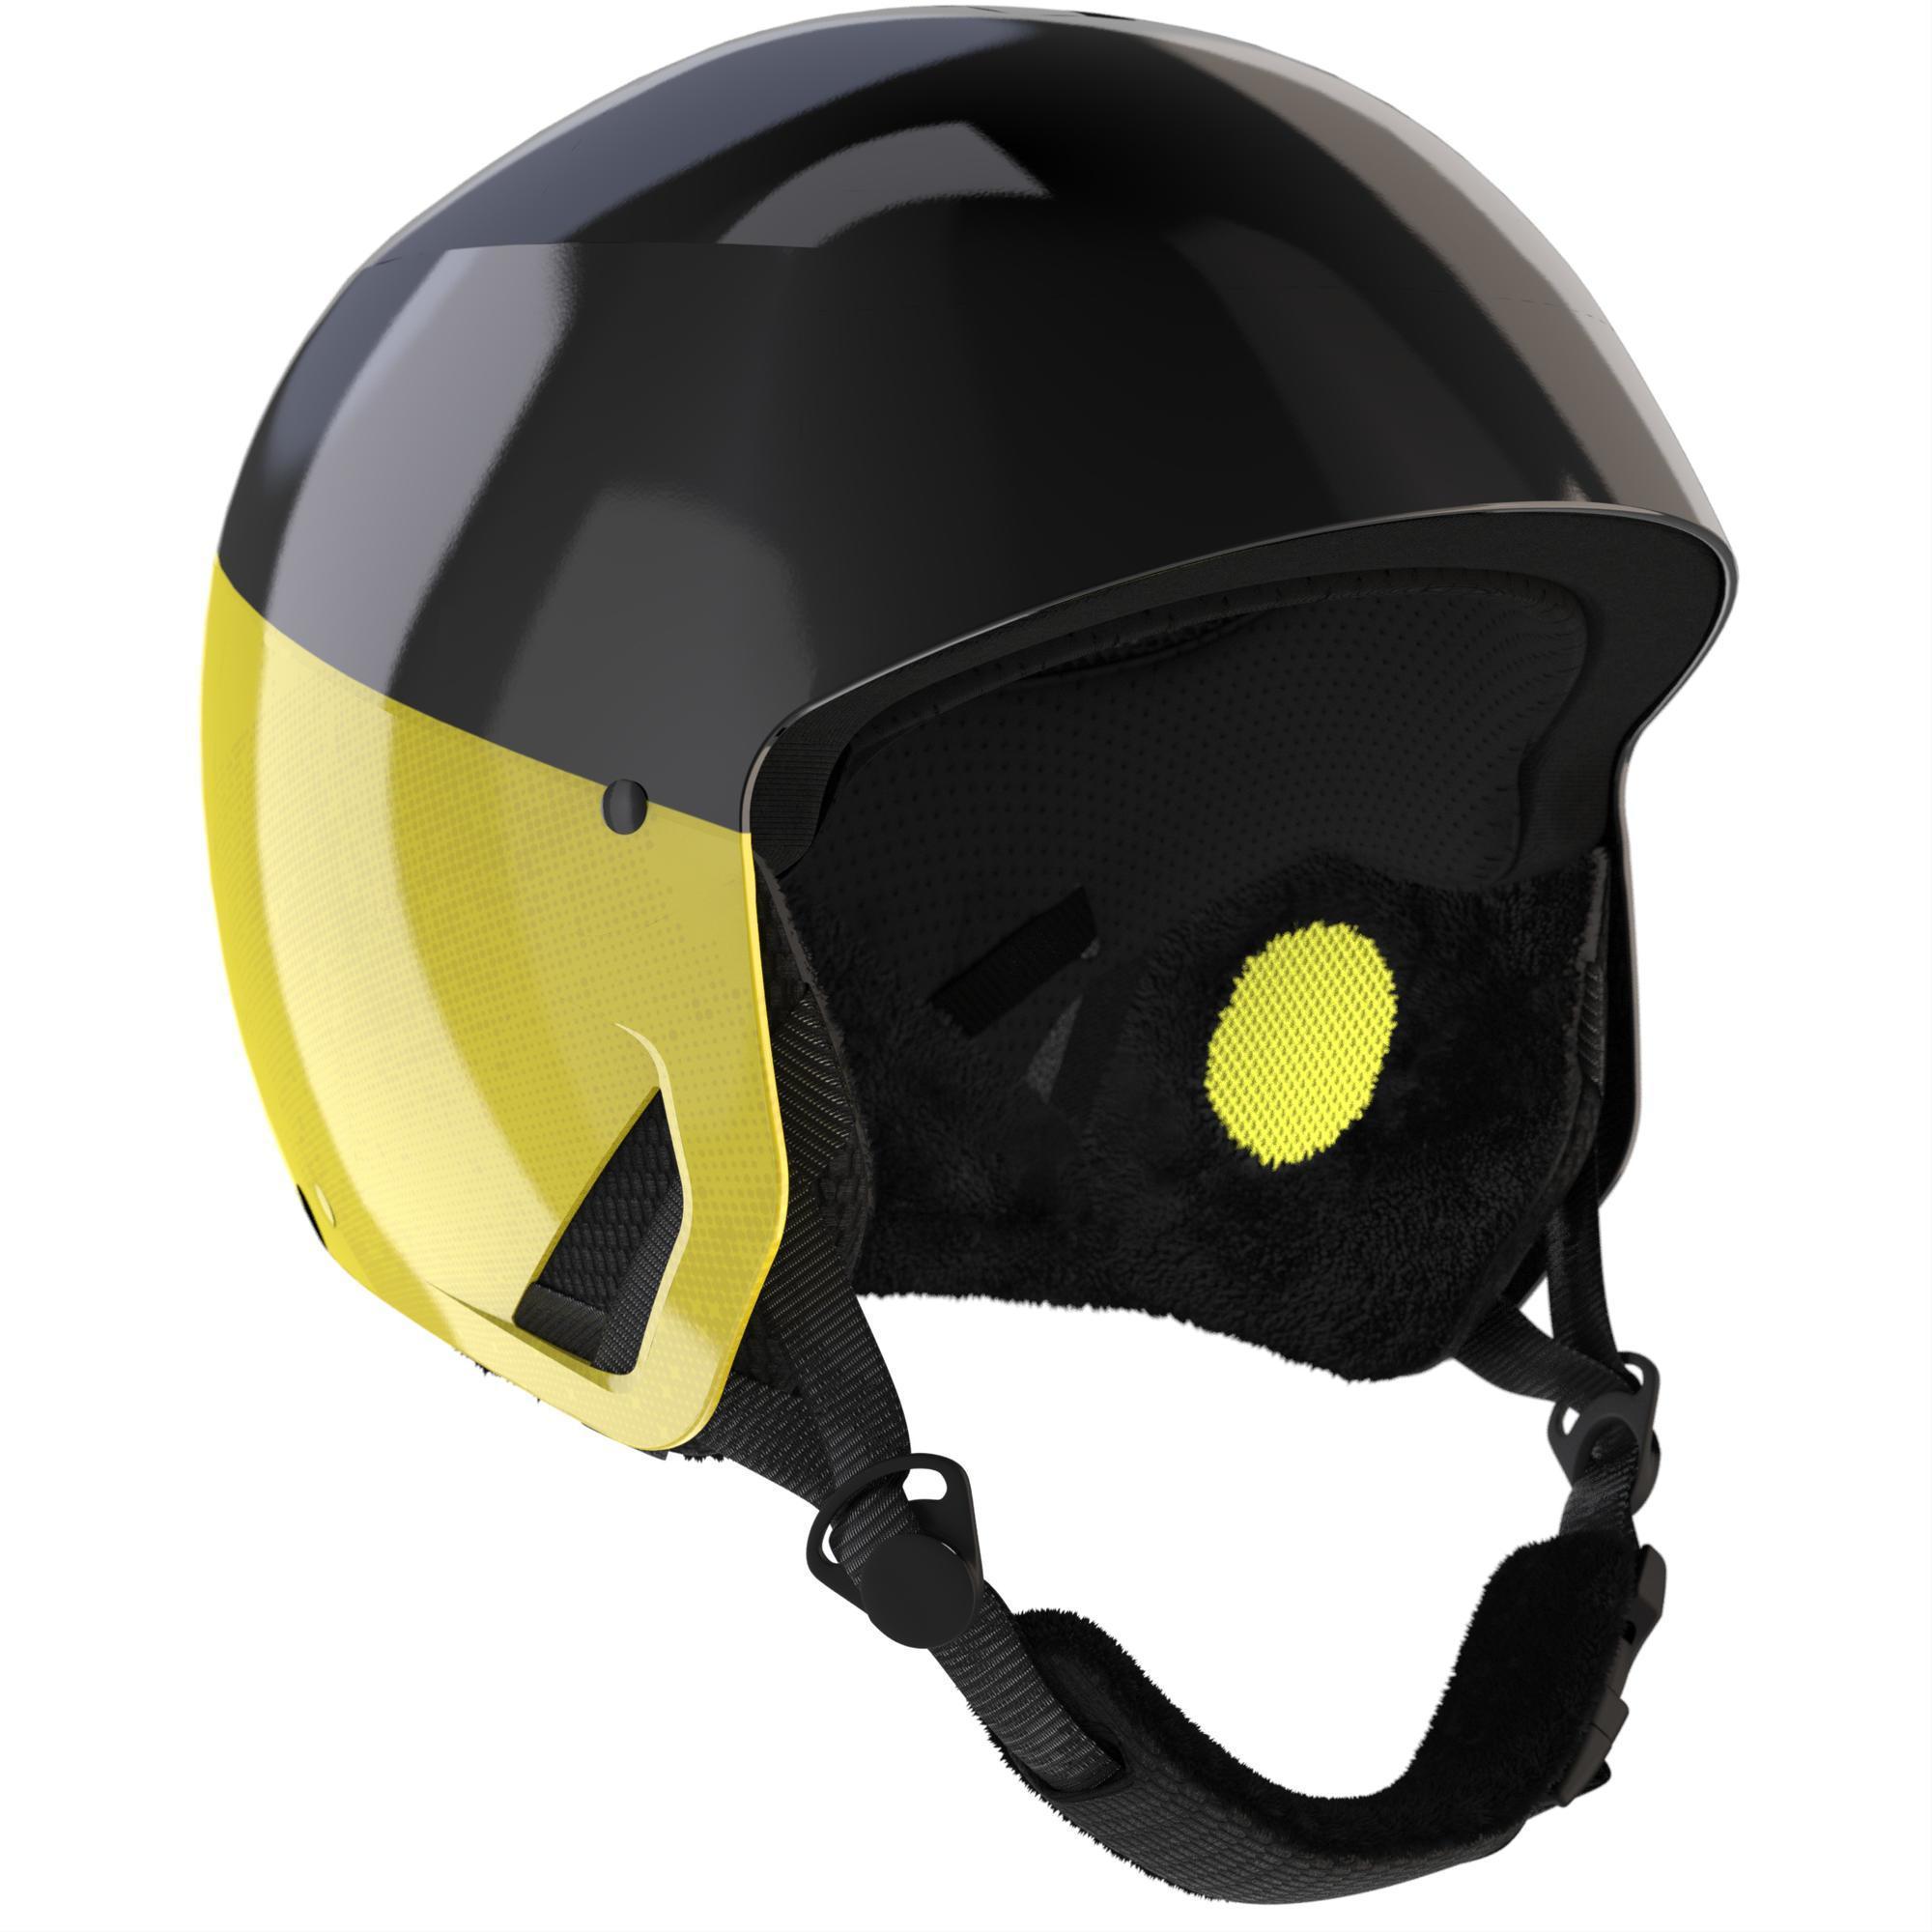 Casque de ski pour adulte Wedze HRC 500 - blanc/rouge ou jaune/noir (du S au L)